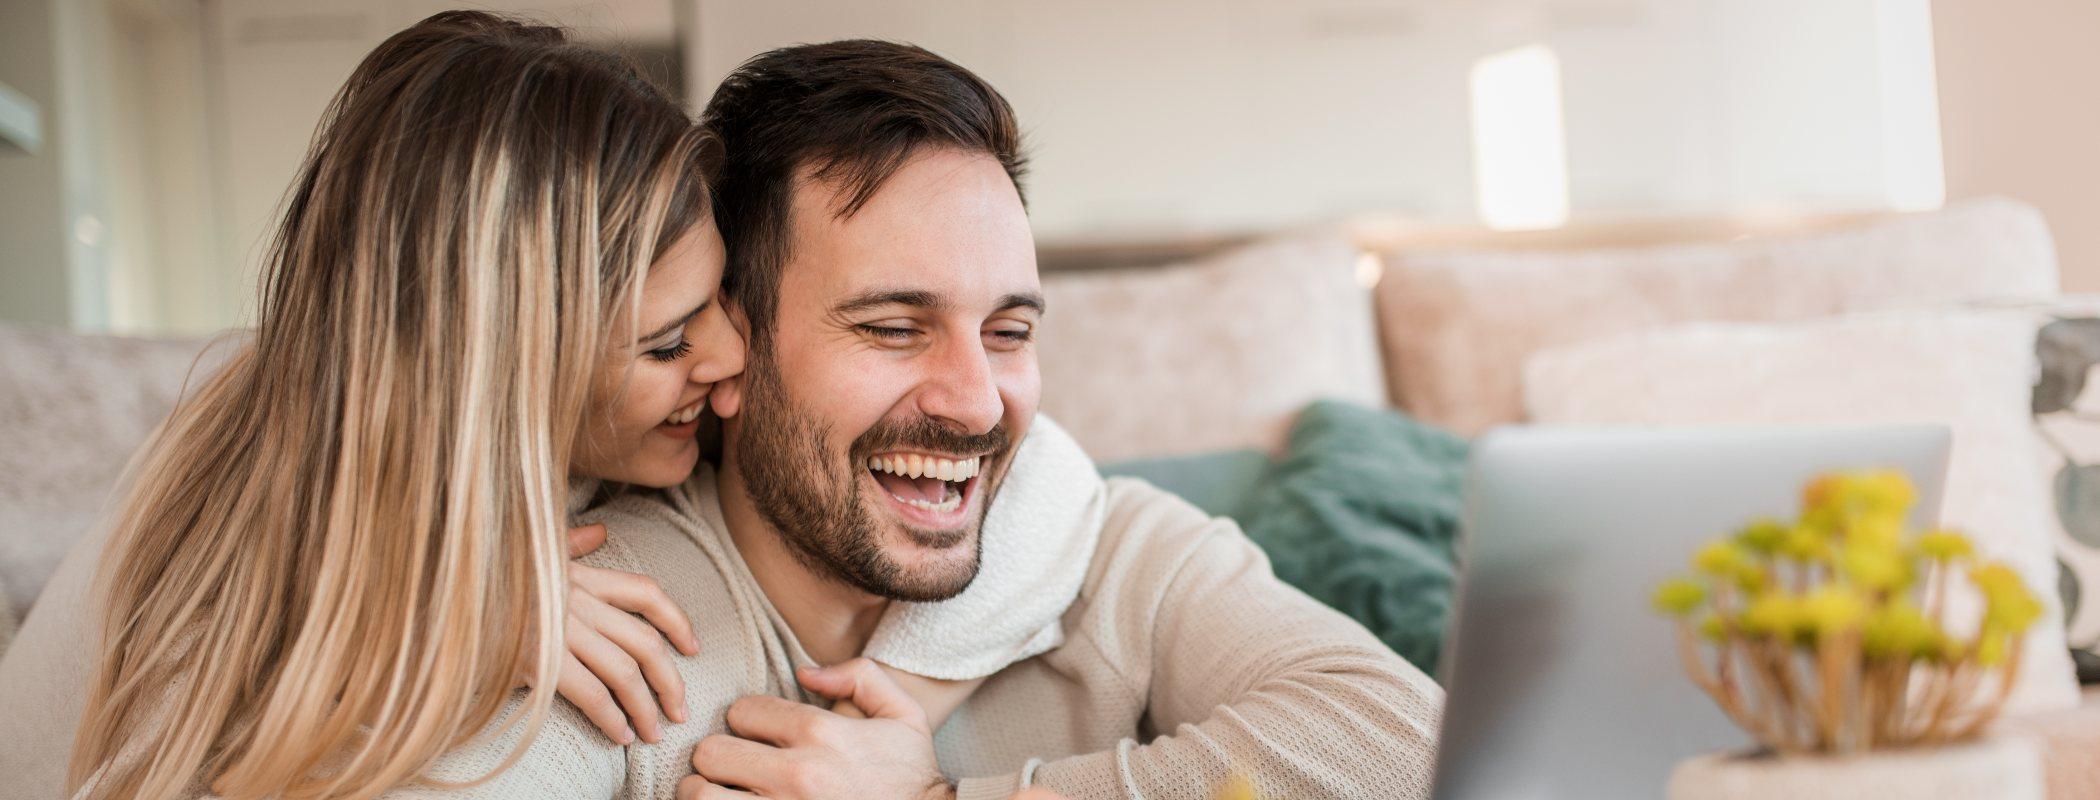 Cómo sobrellevar la cuarentena en pareja